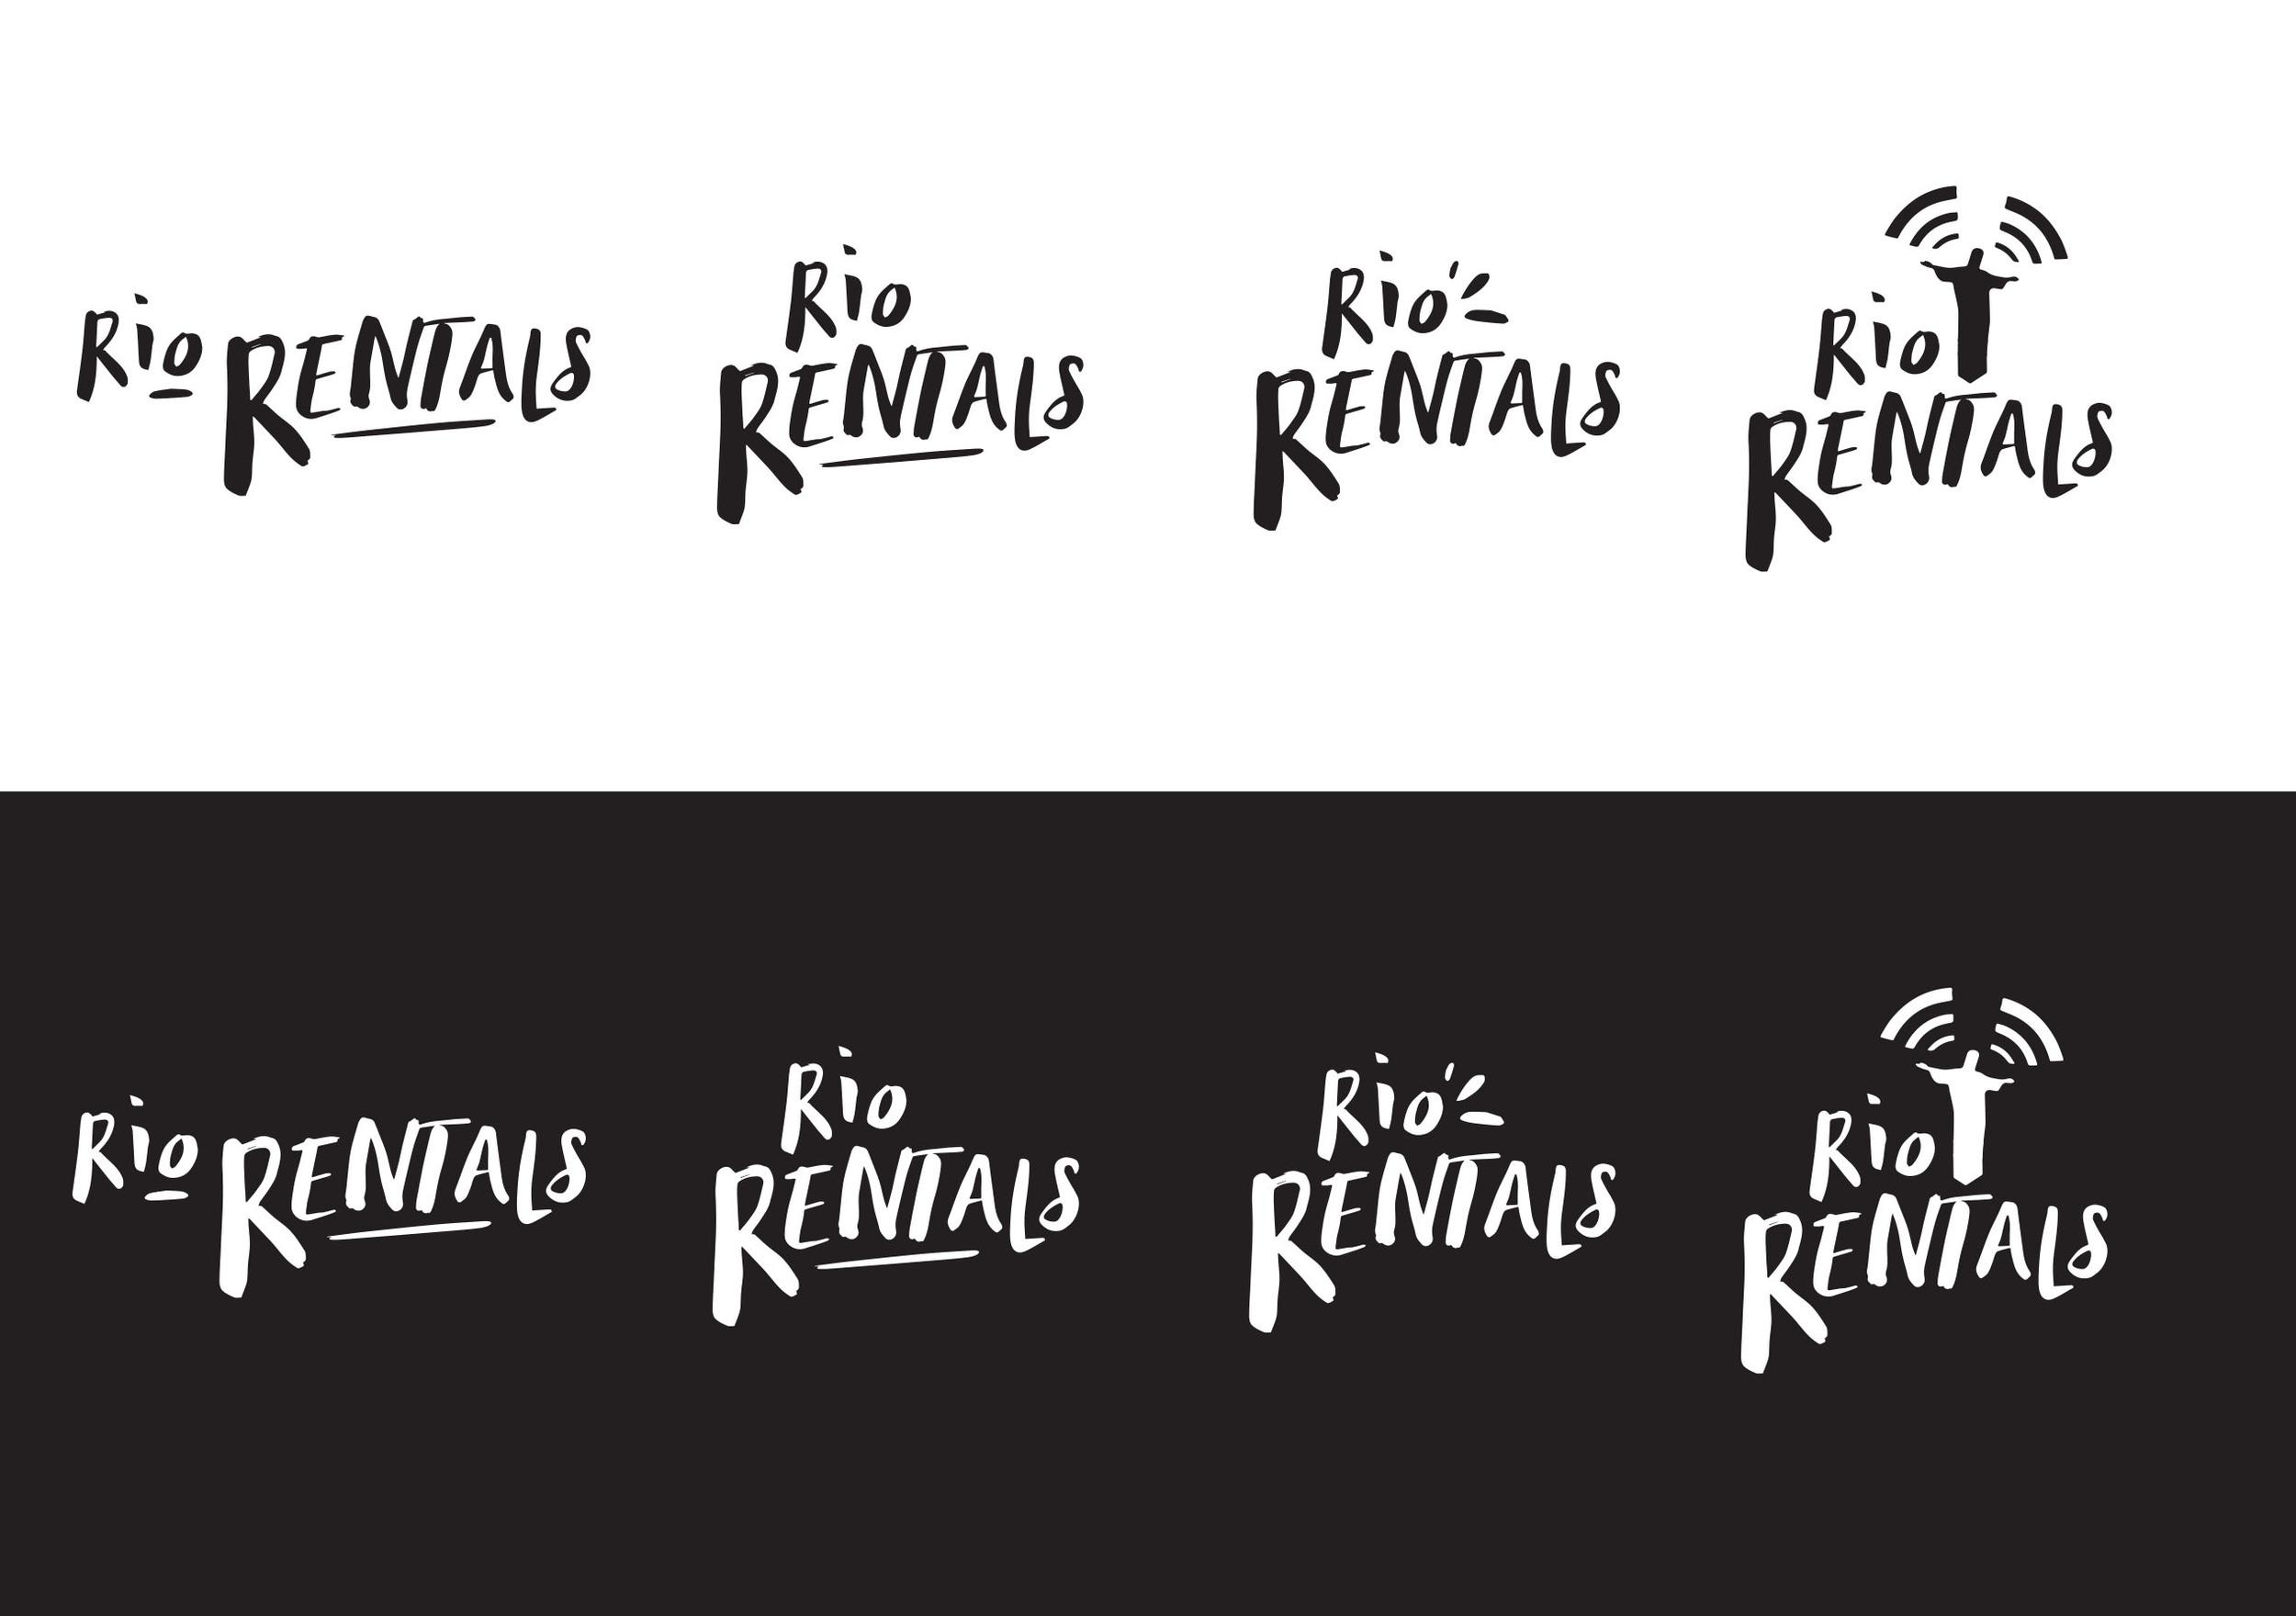 rio_logos_02.jpg